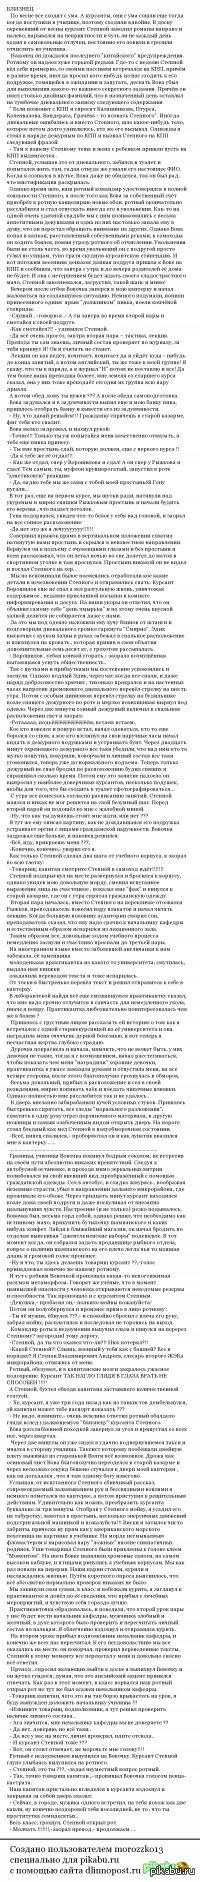 Честно спёртая у Загорцева Андрея Владимировича история. Для меня смешная. Первый длиннопост, не знаю что получится, сорри если что.